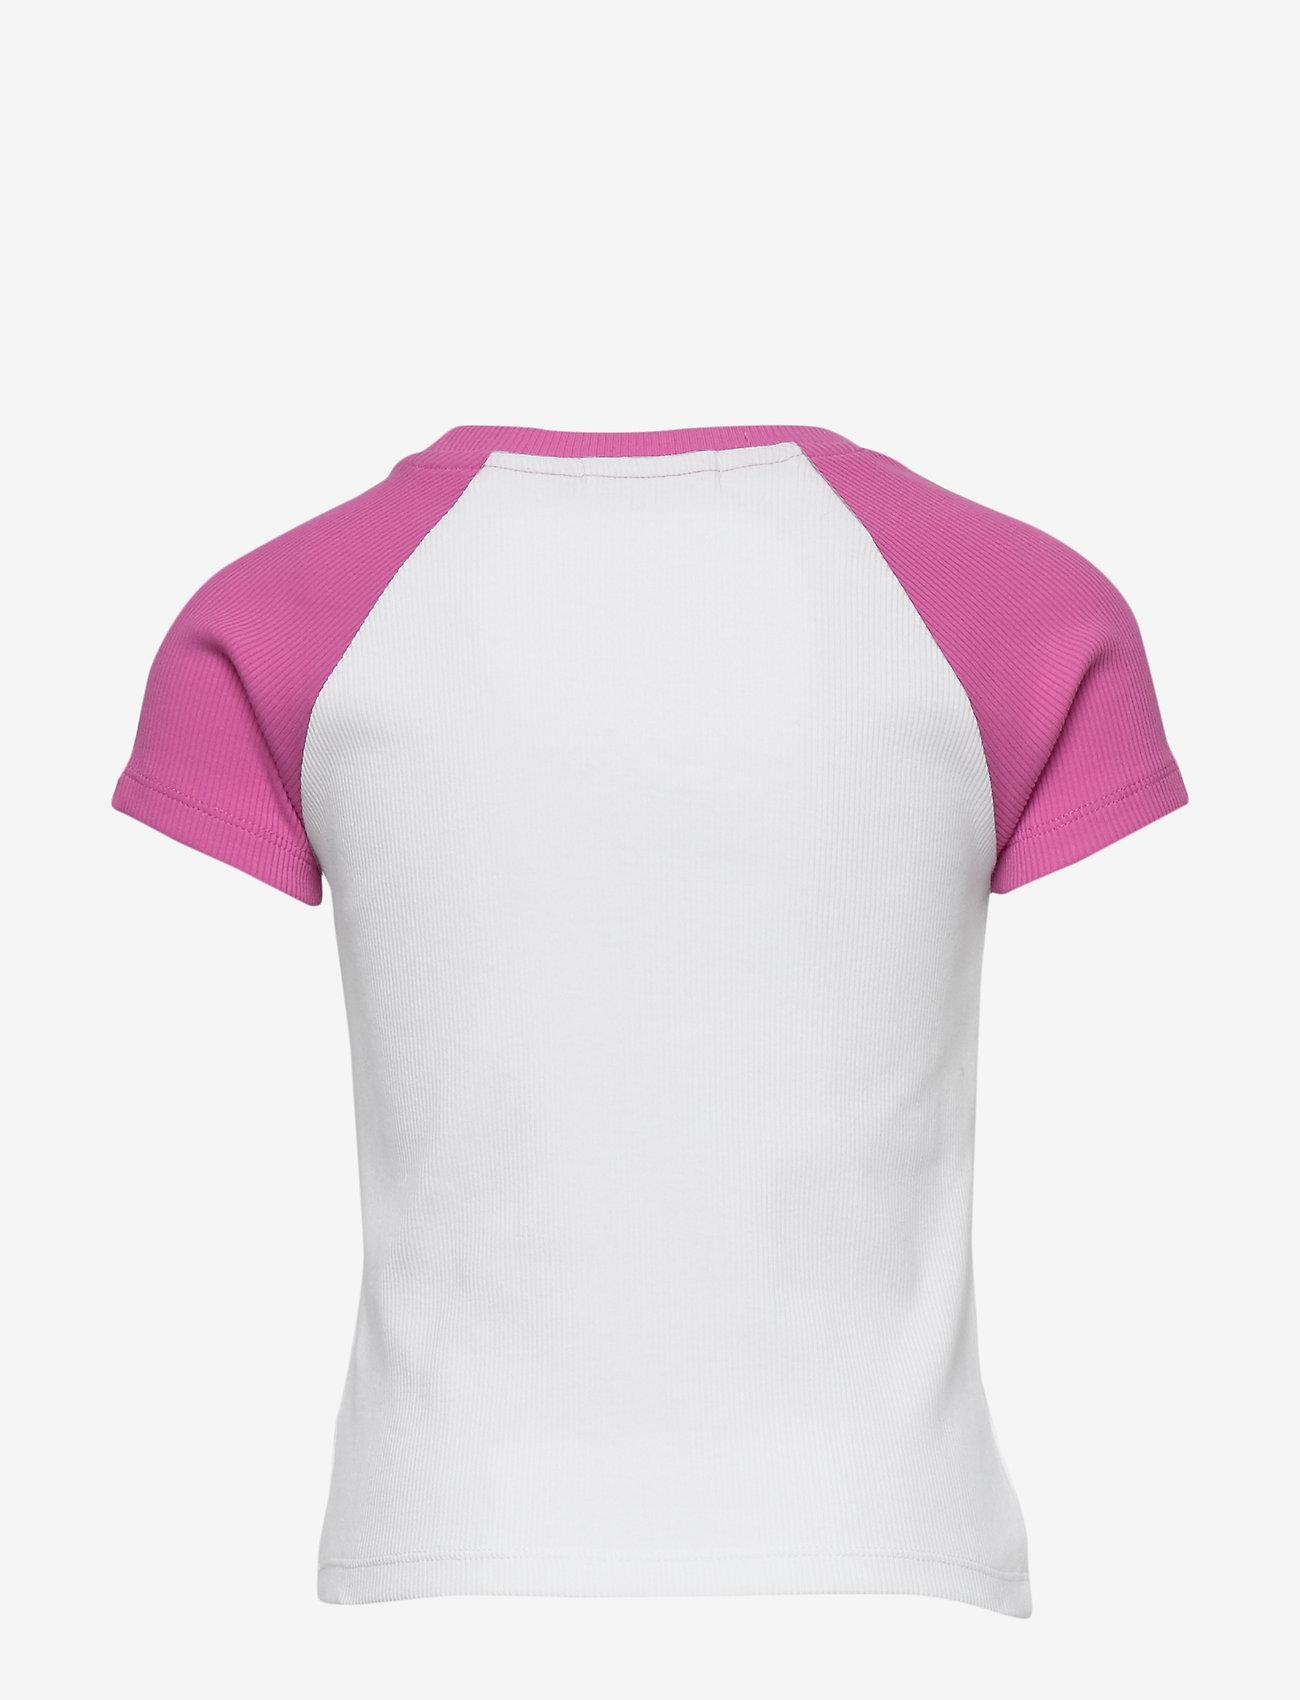 Calvin Klein - COLORBLOCK RIB SS TOP - korte mouwen - vivid pink - 1